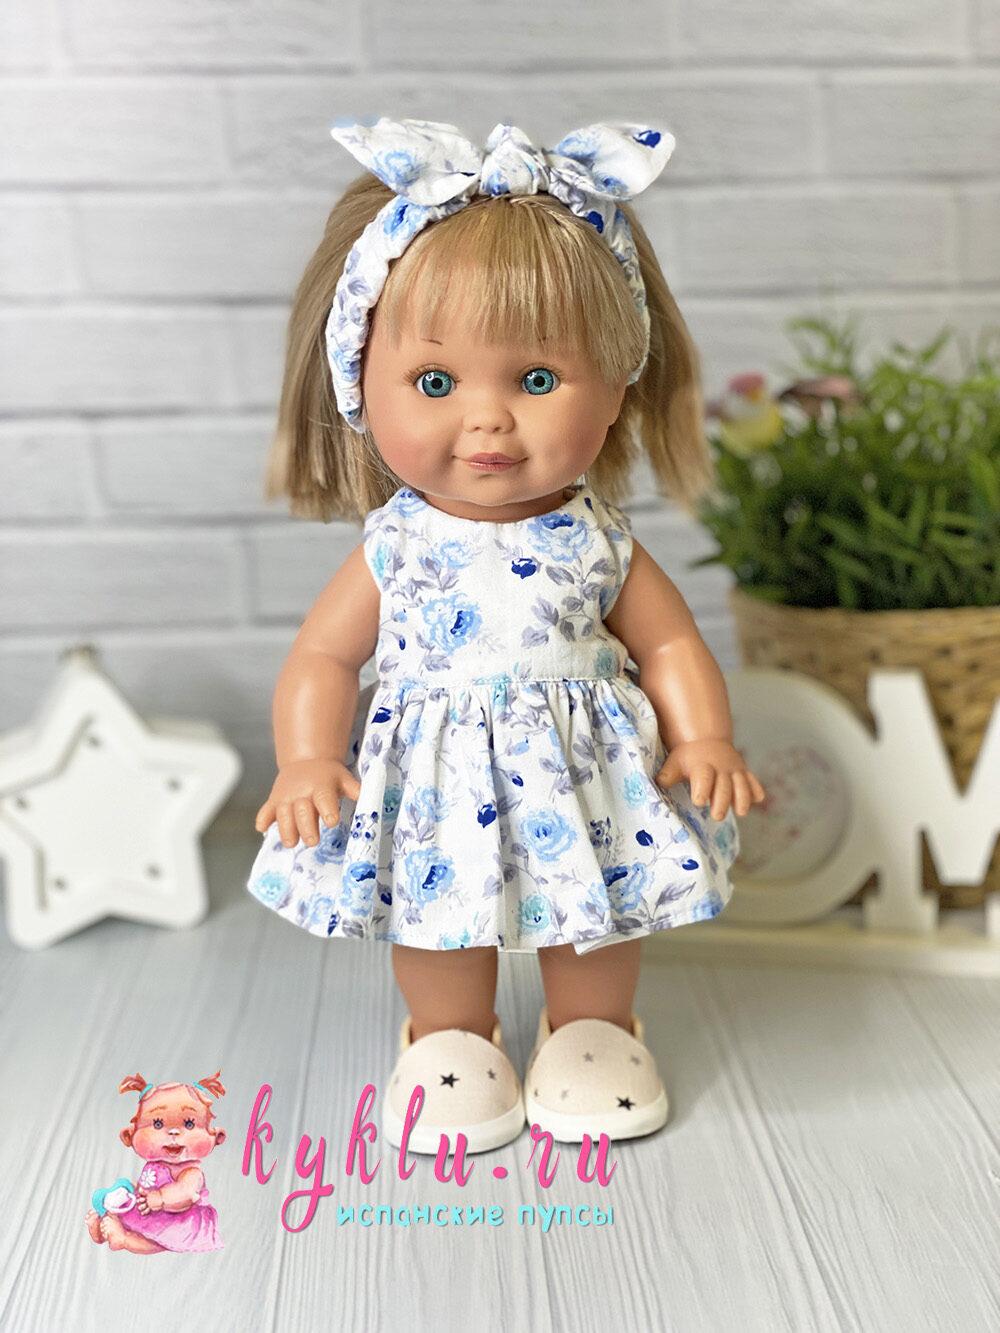 Кукла Бетти от фабрики Lamagik